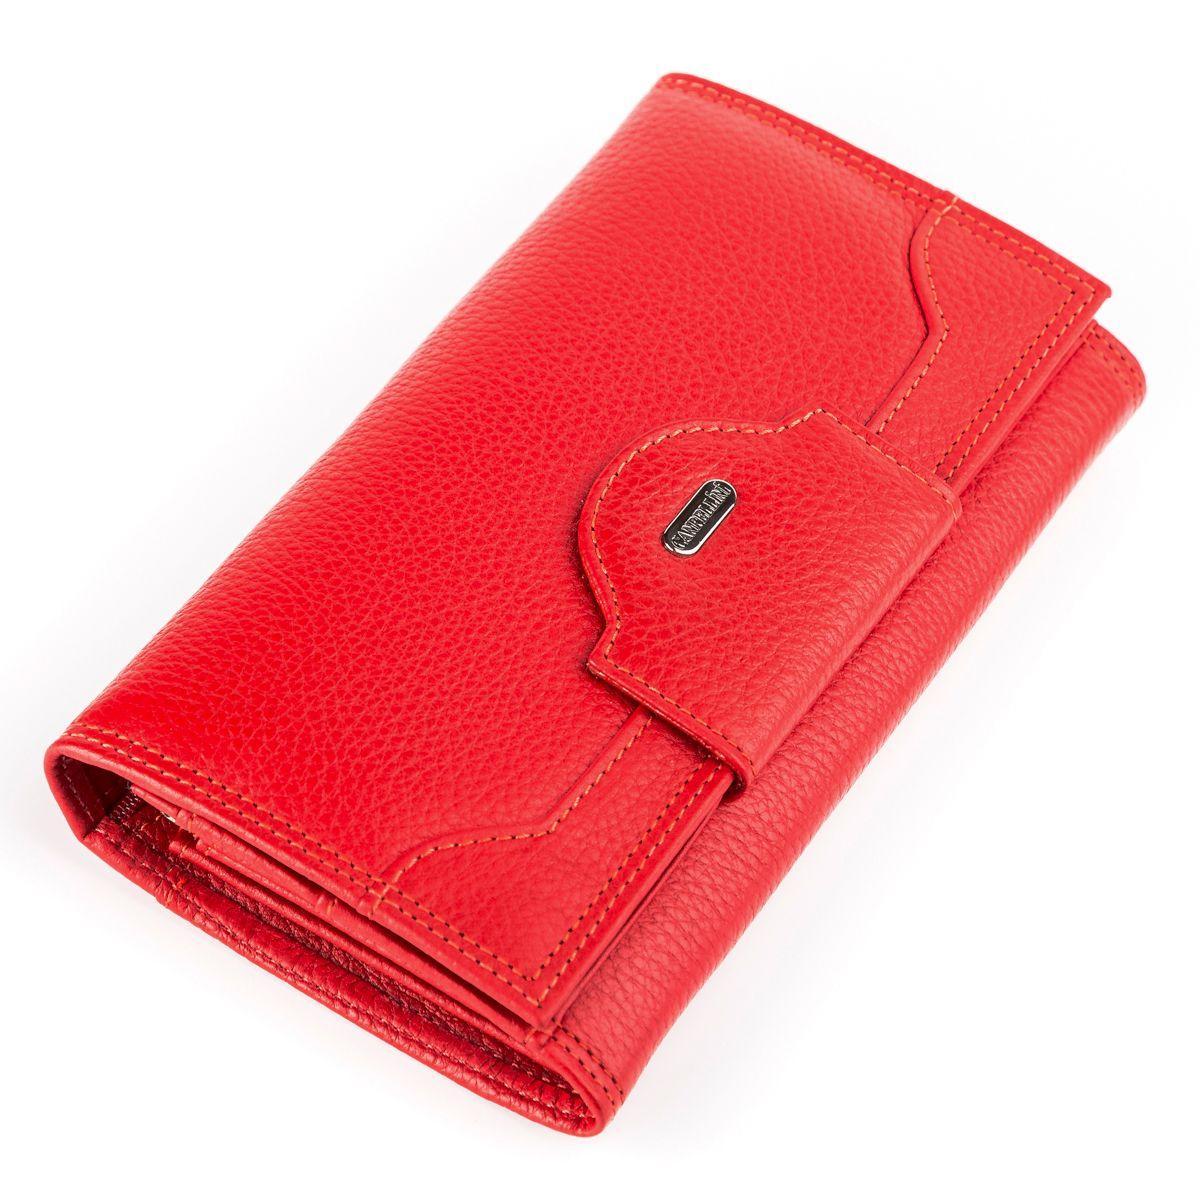 Кошелек женский CANPELLINI 17046 кожаный Красный, Красный